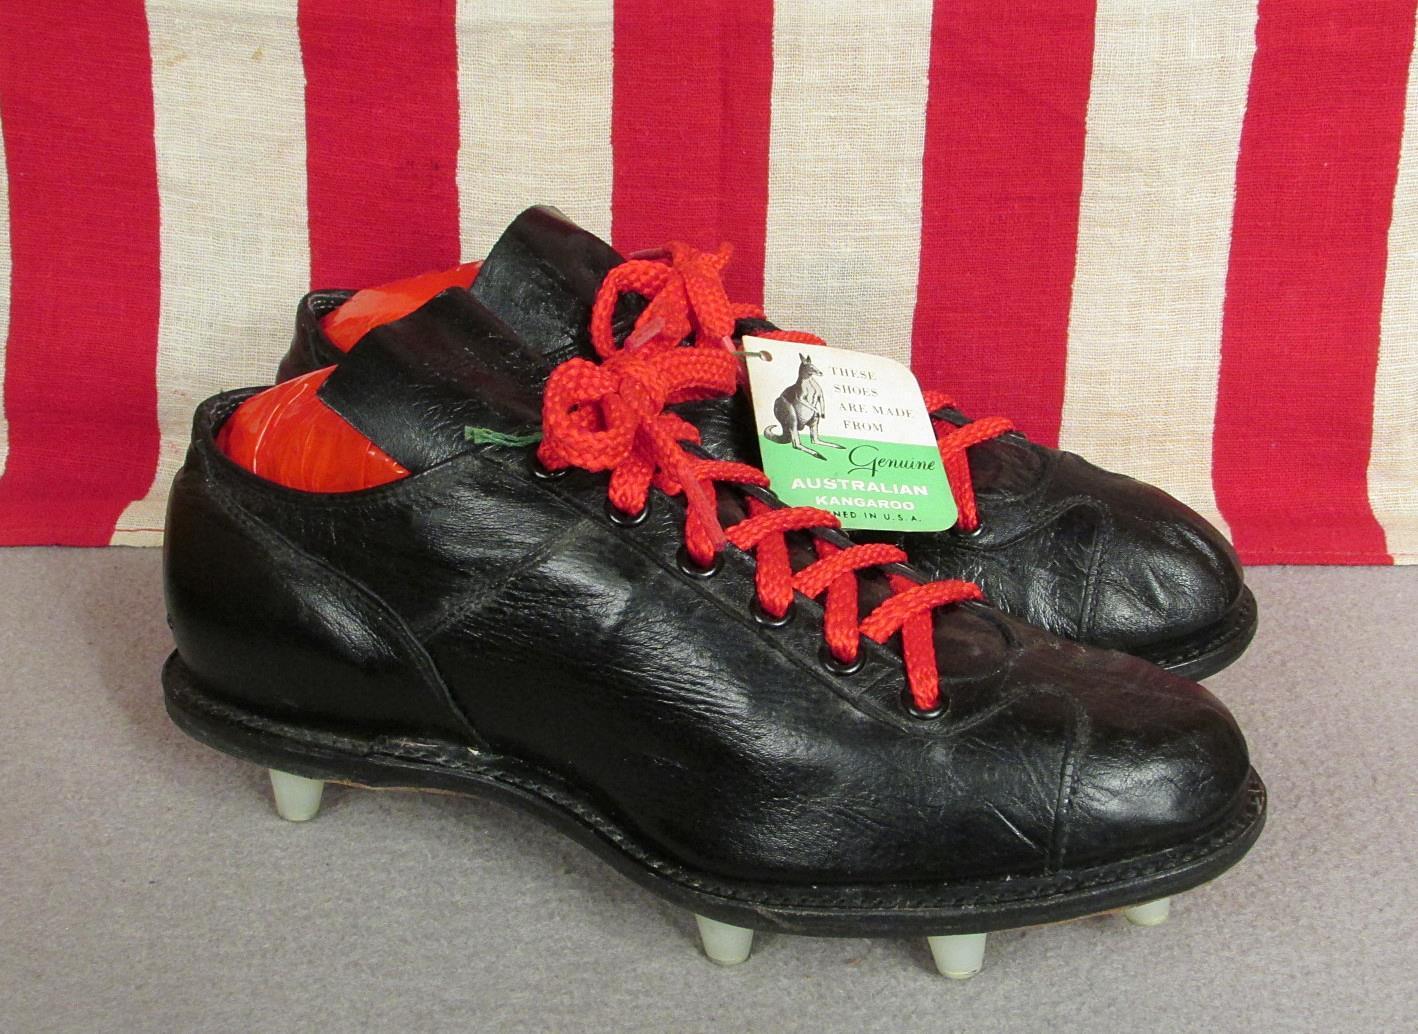 Wilson 1960s Cuero Canguro Vintage Negro De Tacos Zapatos Fútbol xdCBore